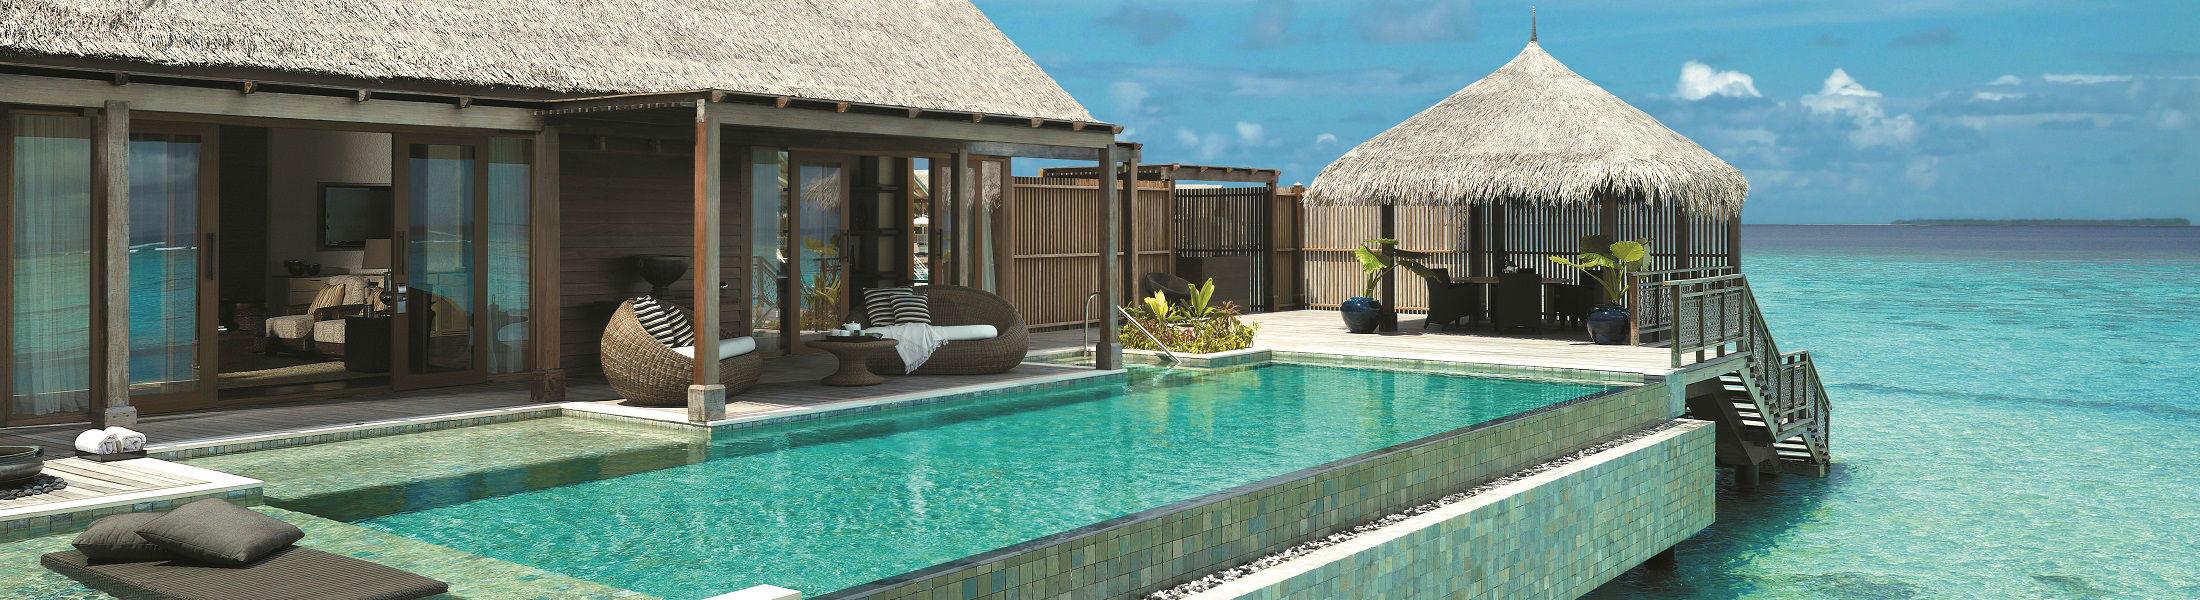 Villa Muthee deck and infinity pool at the Shangri La Villingili Maldives